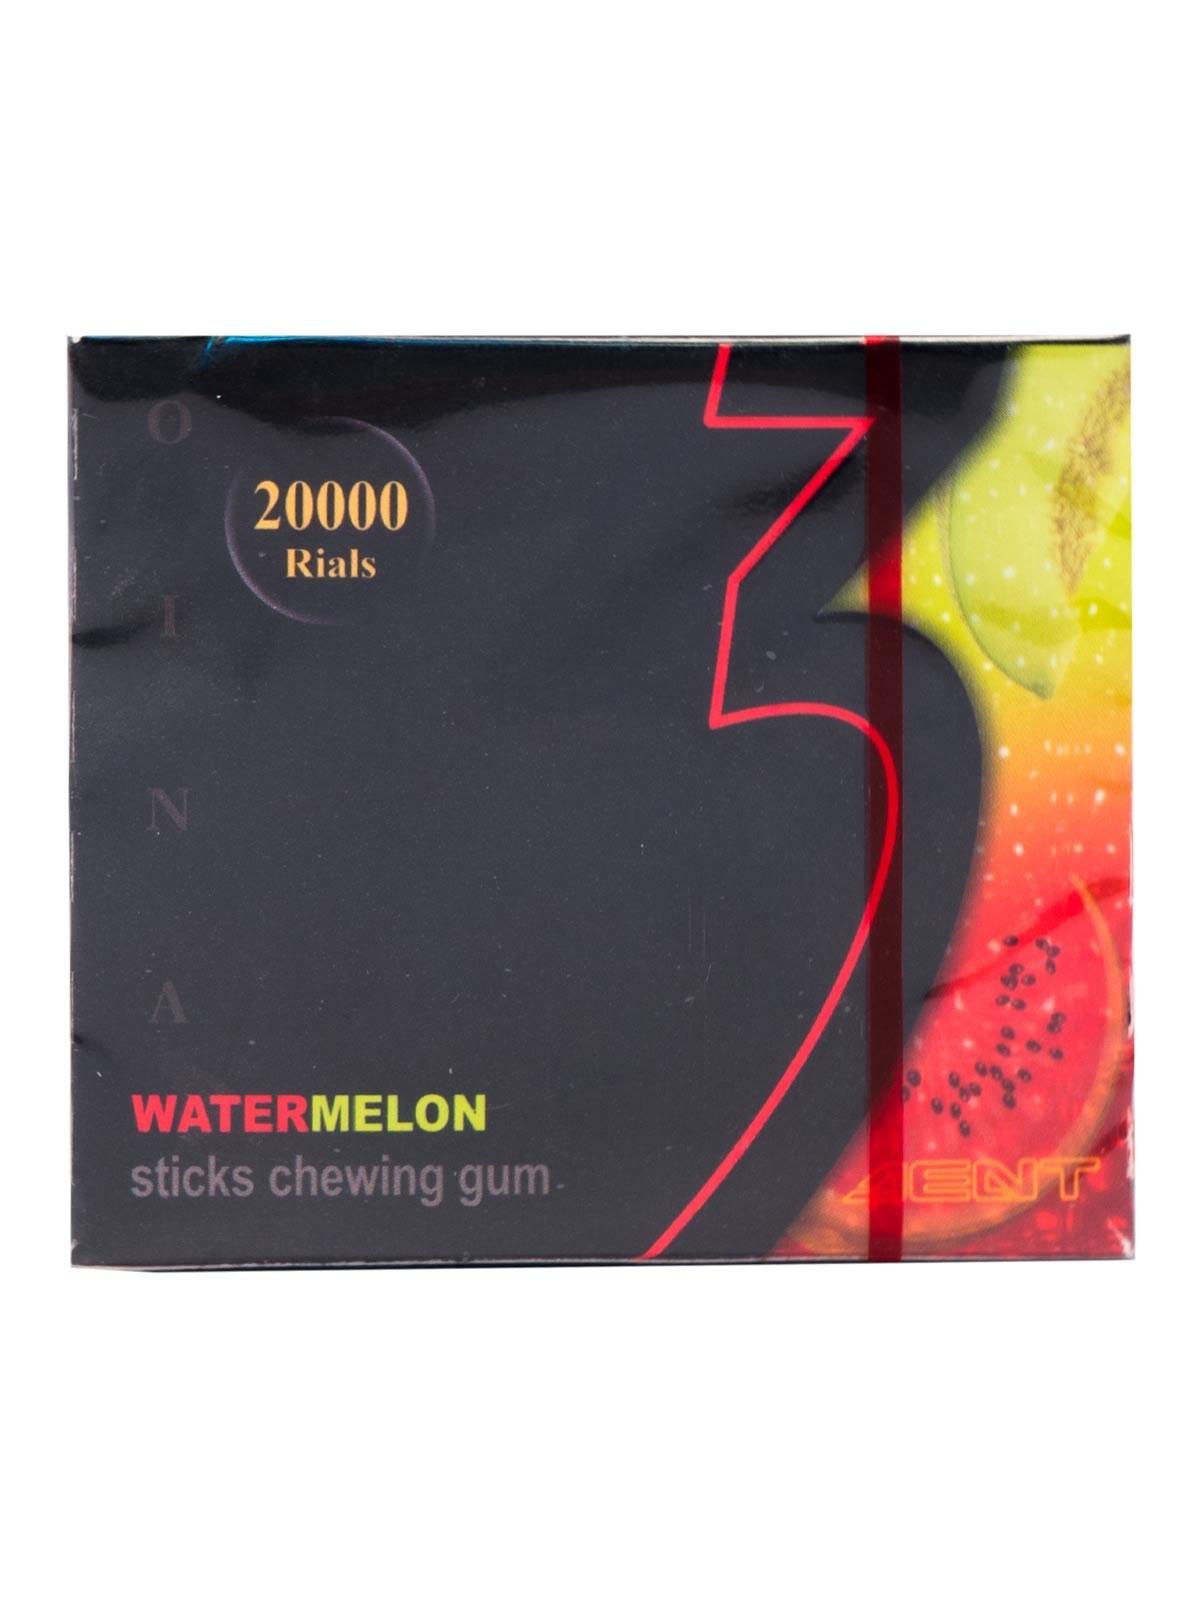 آدامس استیک اینا تری دنت با طعم طالبی و هندوانه 15 عددی | Trident Watermelon Sticks Chewing Gum